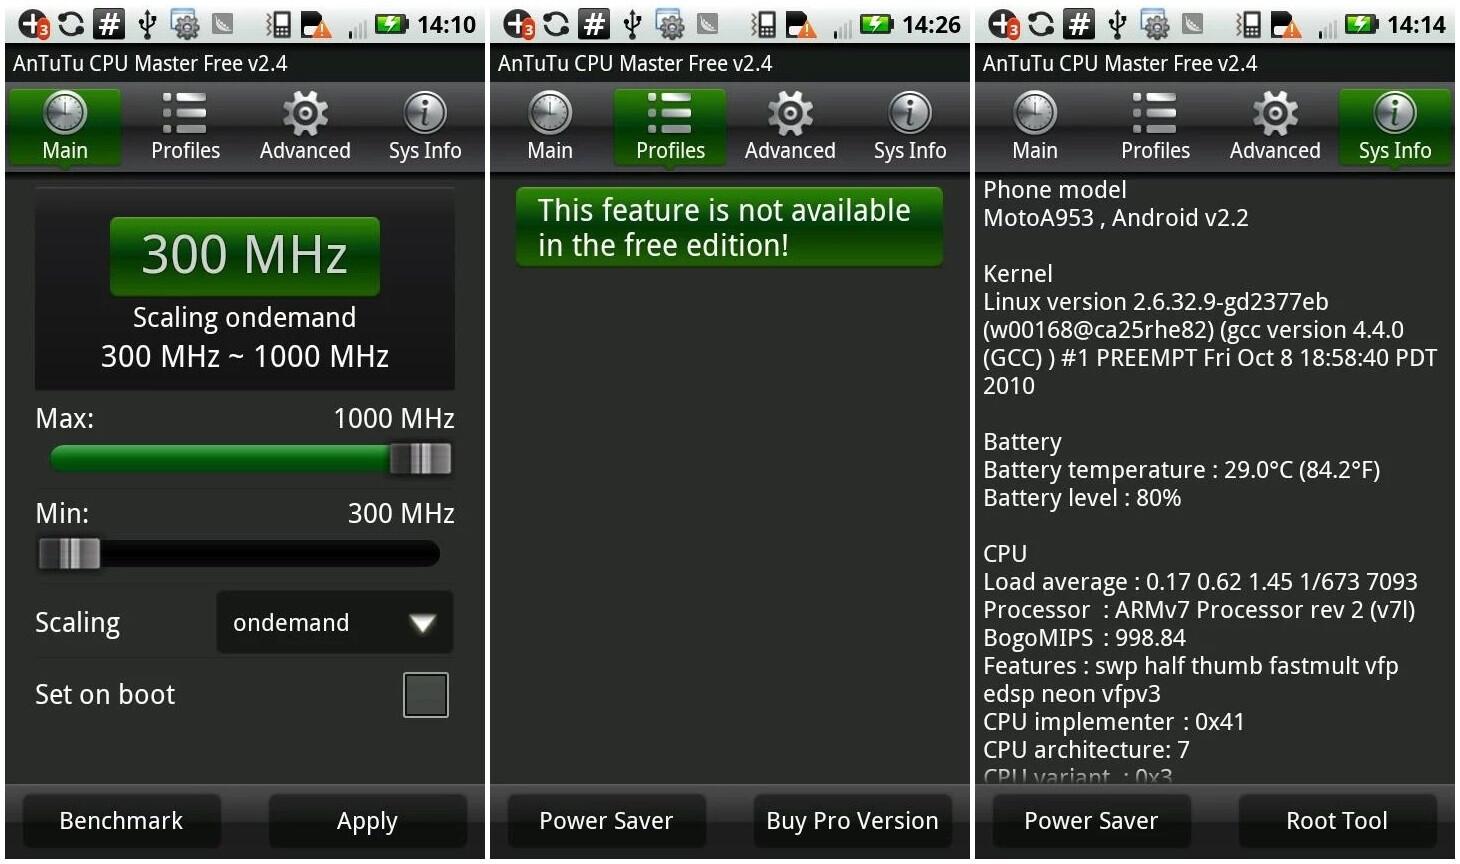 Скачать CPU Master для Android. Управление частотой процессора, системные программы для Андроид.